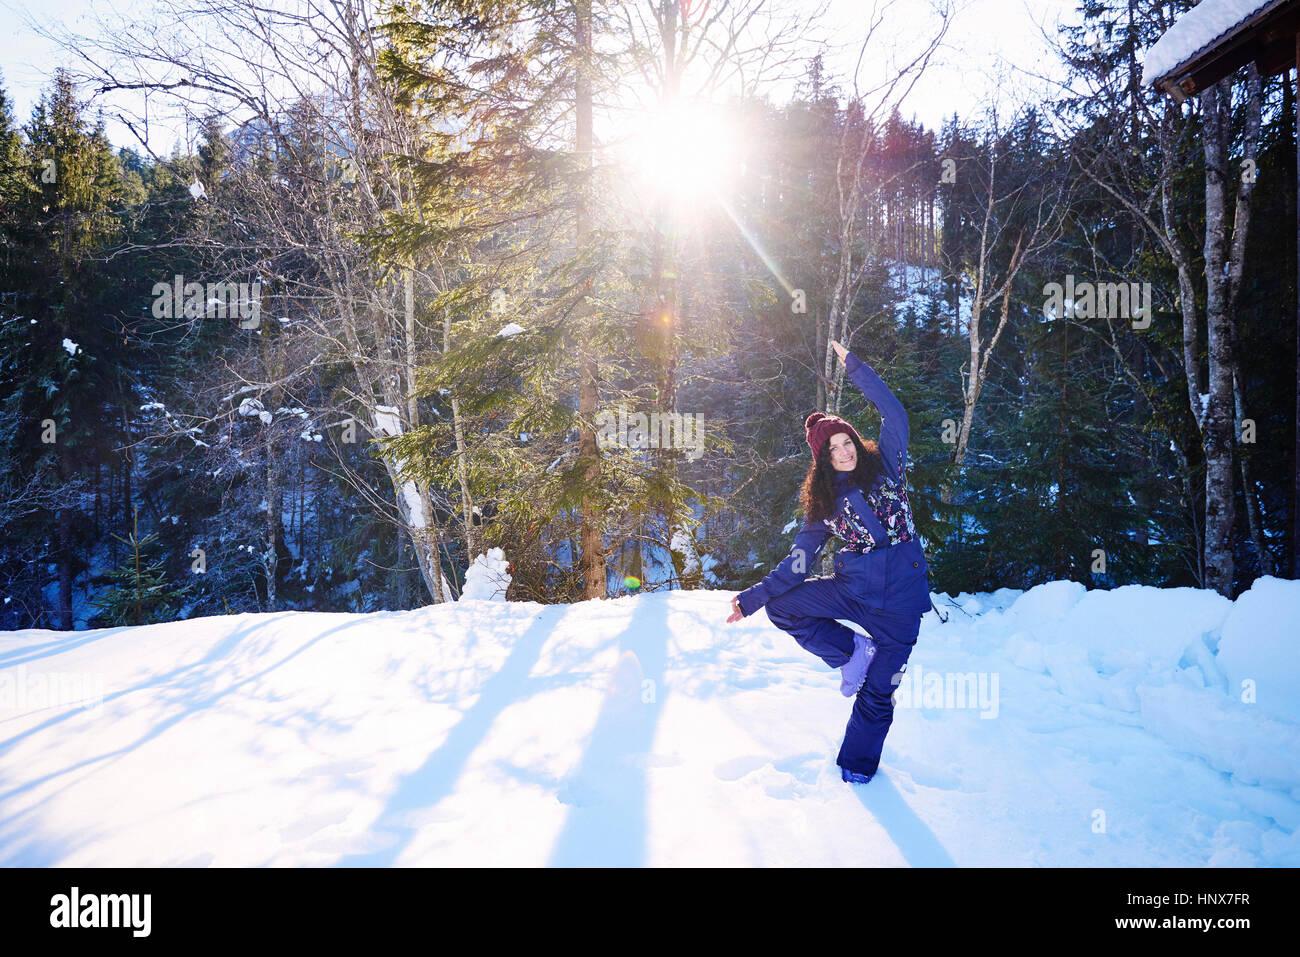 Frau in Winterkleidung üben Baum-Yoga-Pose im Schnee durch Wald, Österreich Stockbild